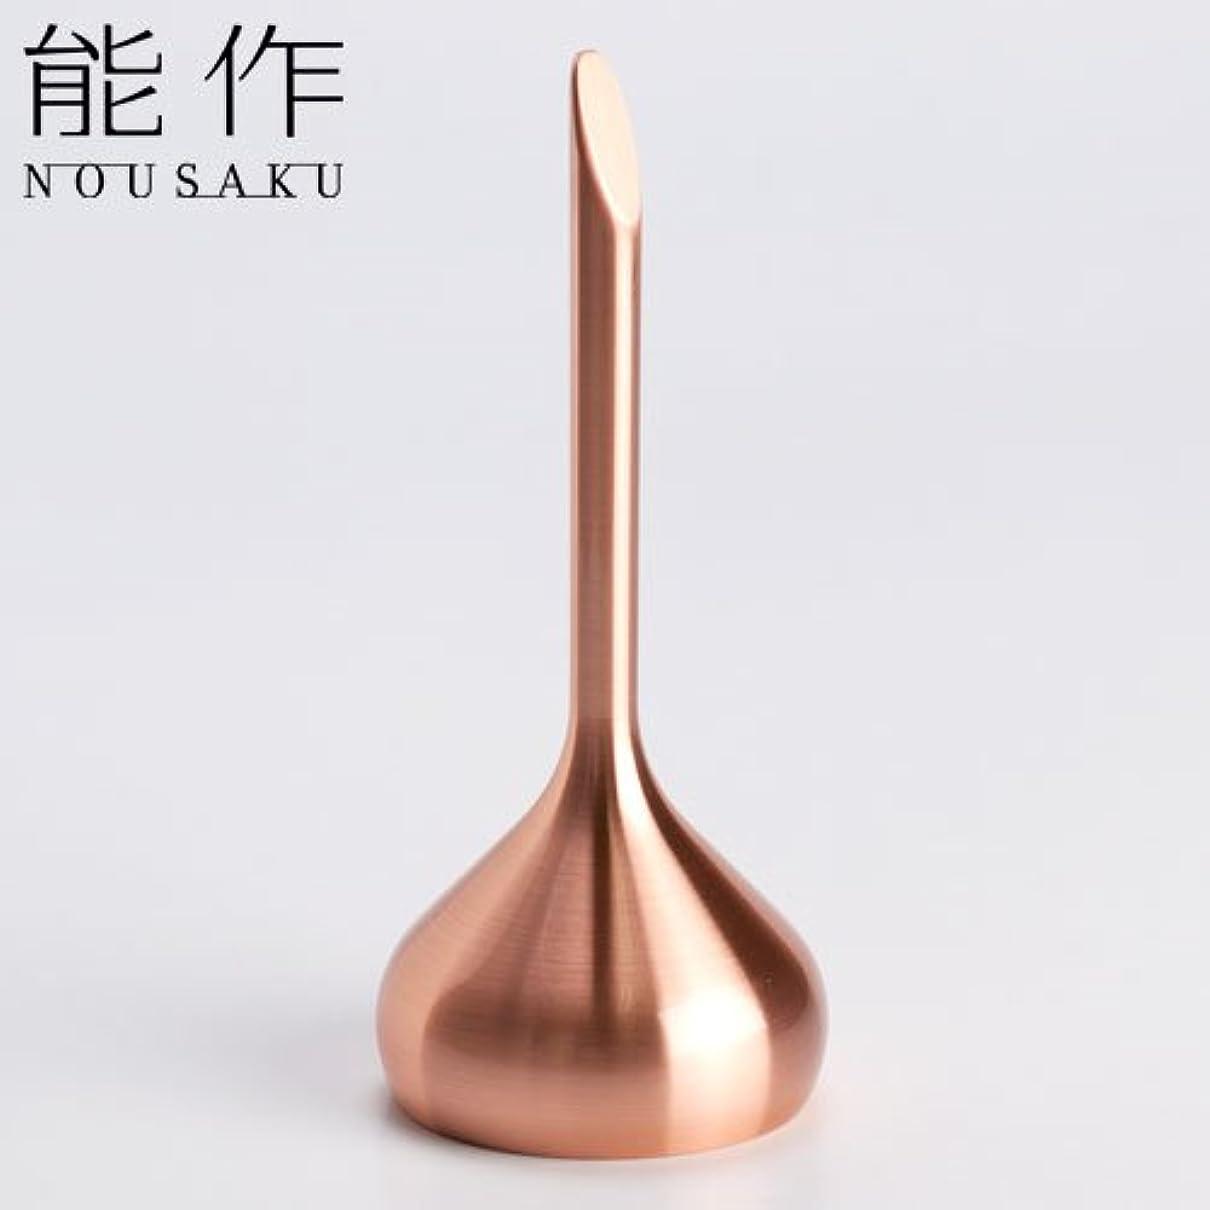 タイムリーな感嘆フォーム能作 ベル(呼び鈴)オニオンピンクゴールド能作真鍮製のインテリア?ホームアクセサリー卓上ベル